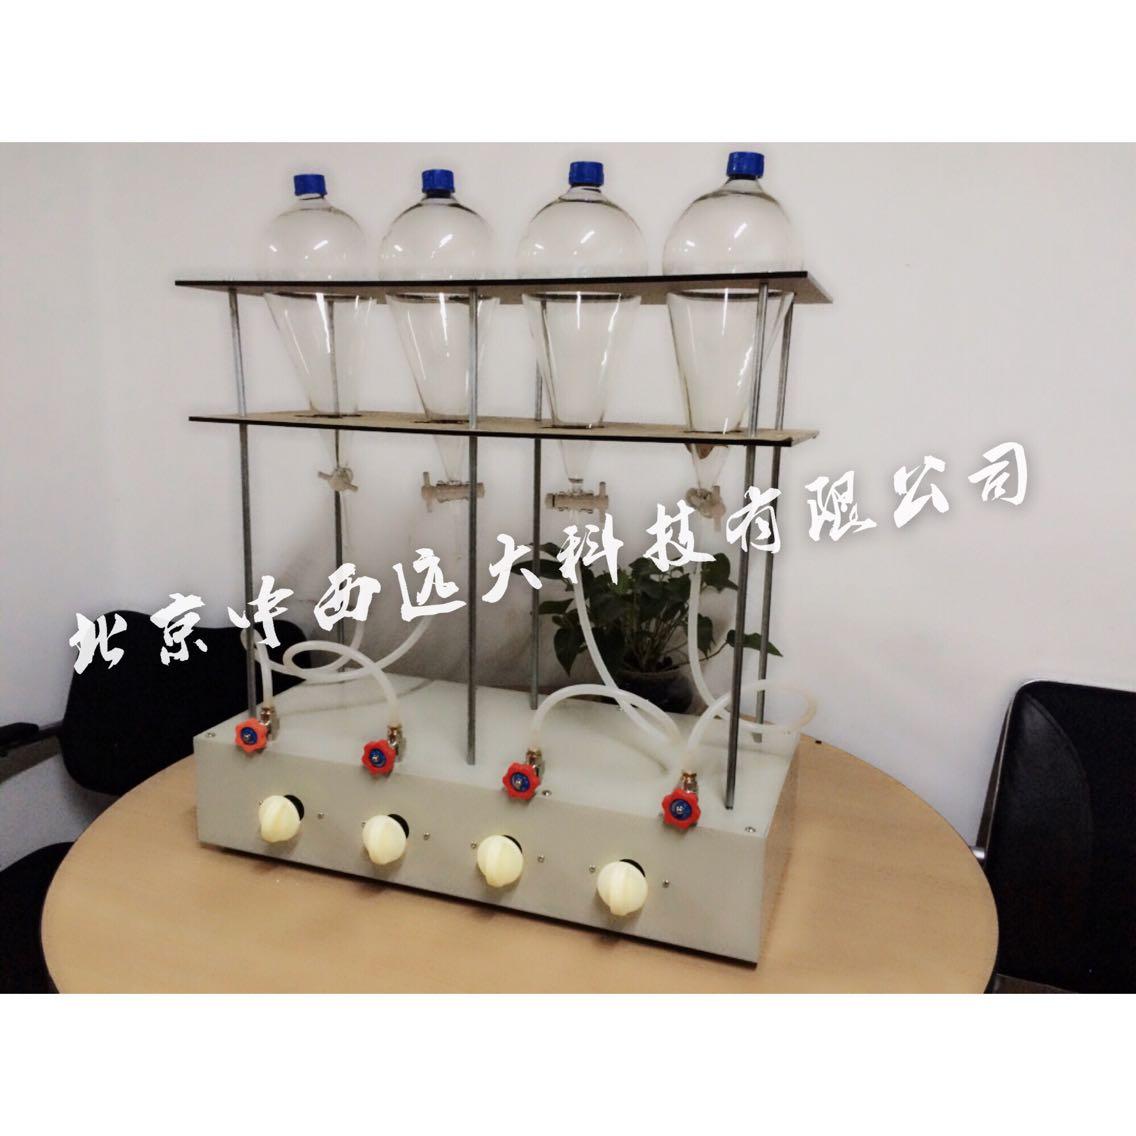 全自动射流萃取器/全自动射流萃取仪(四联)/液液萃取器(萃取瓶为1000ml)M210/CQ4